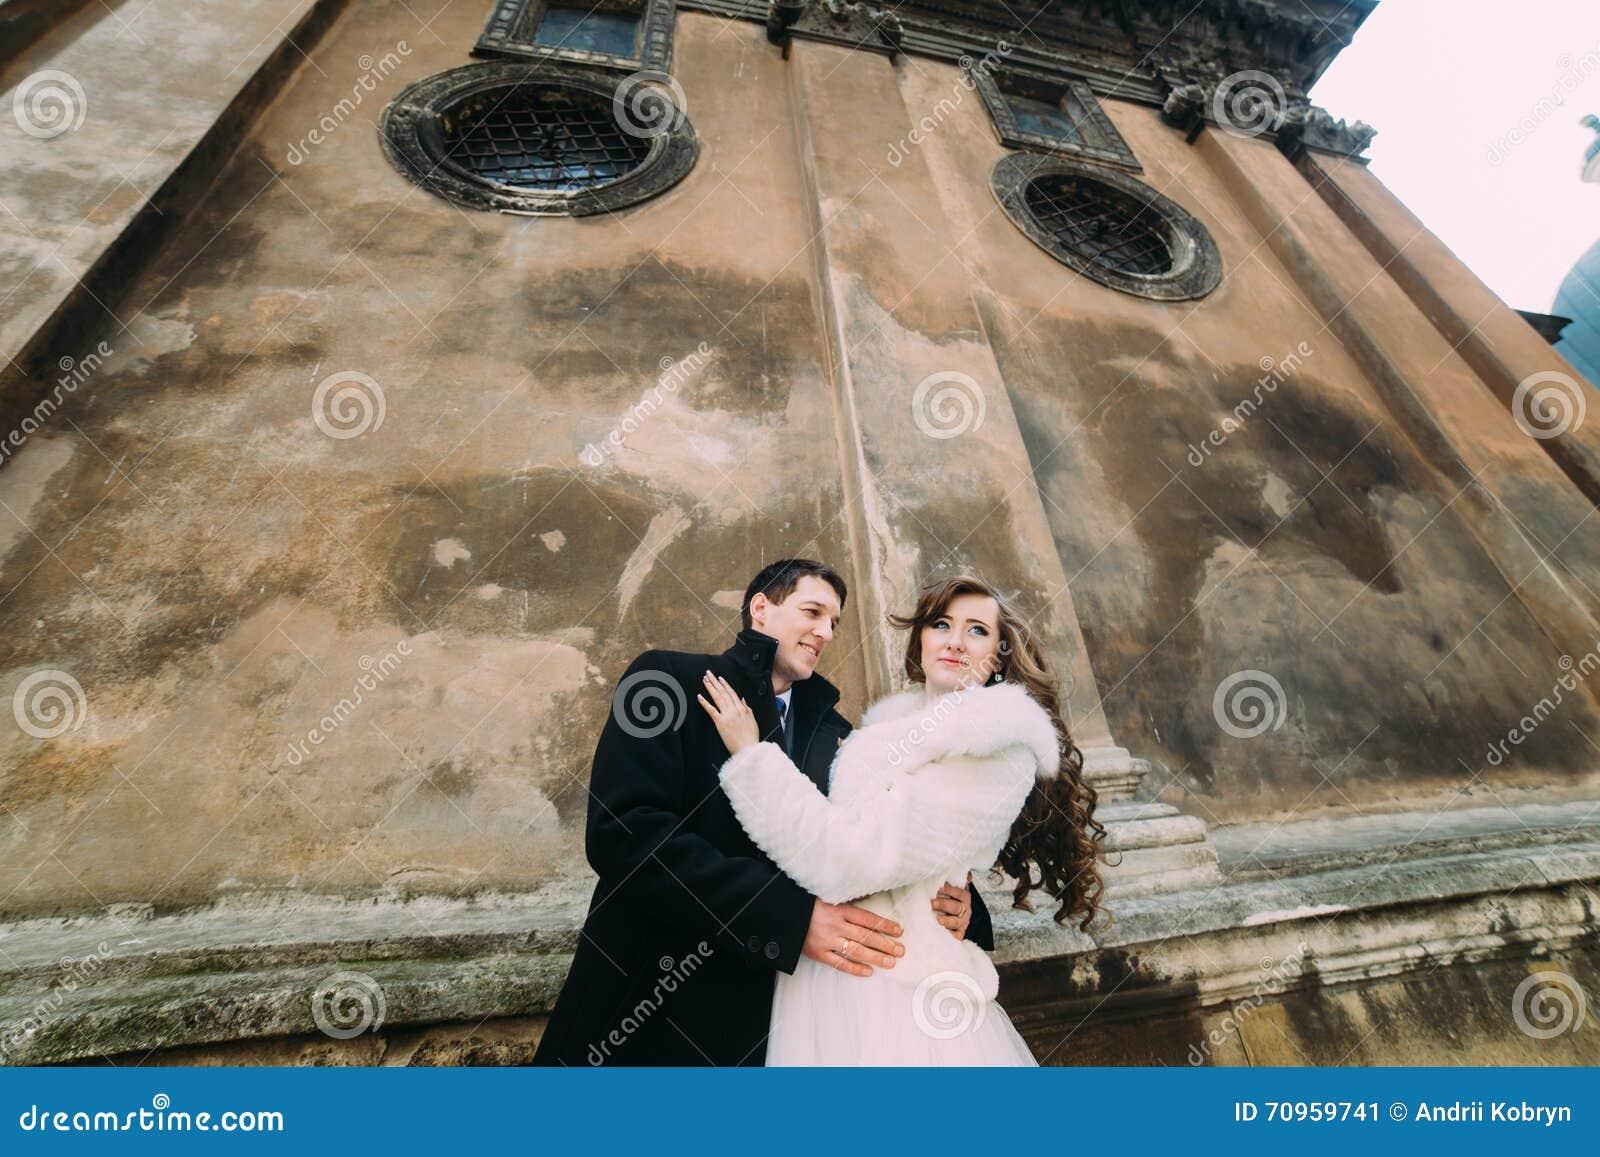 Фото невест снизу фото 270-706